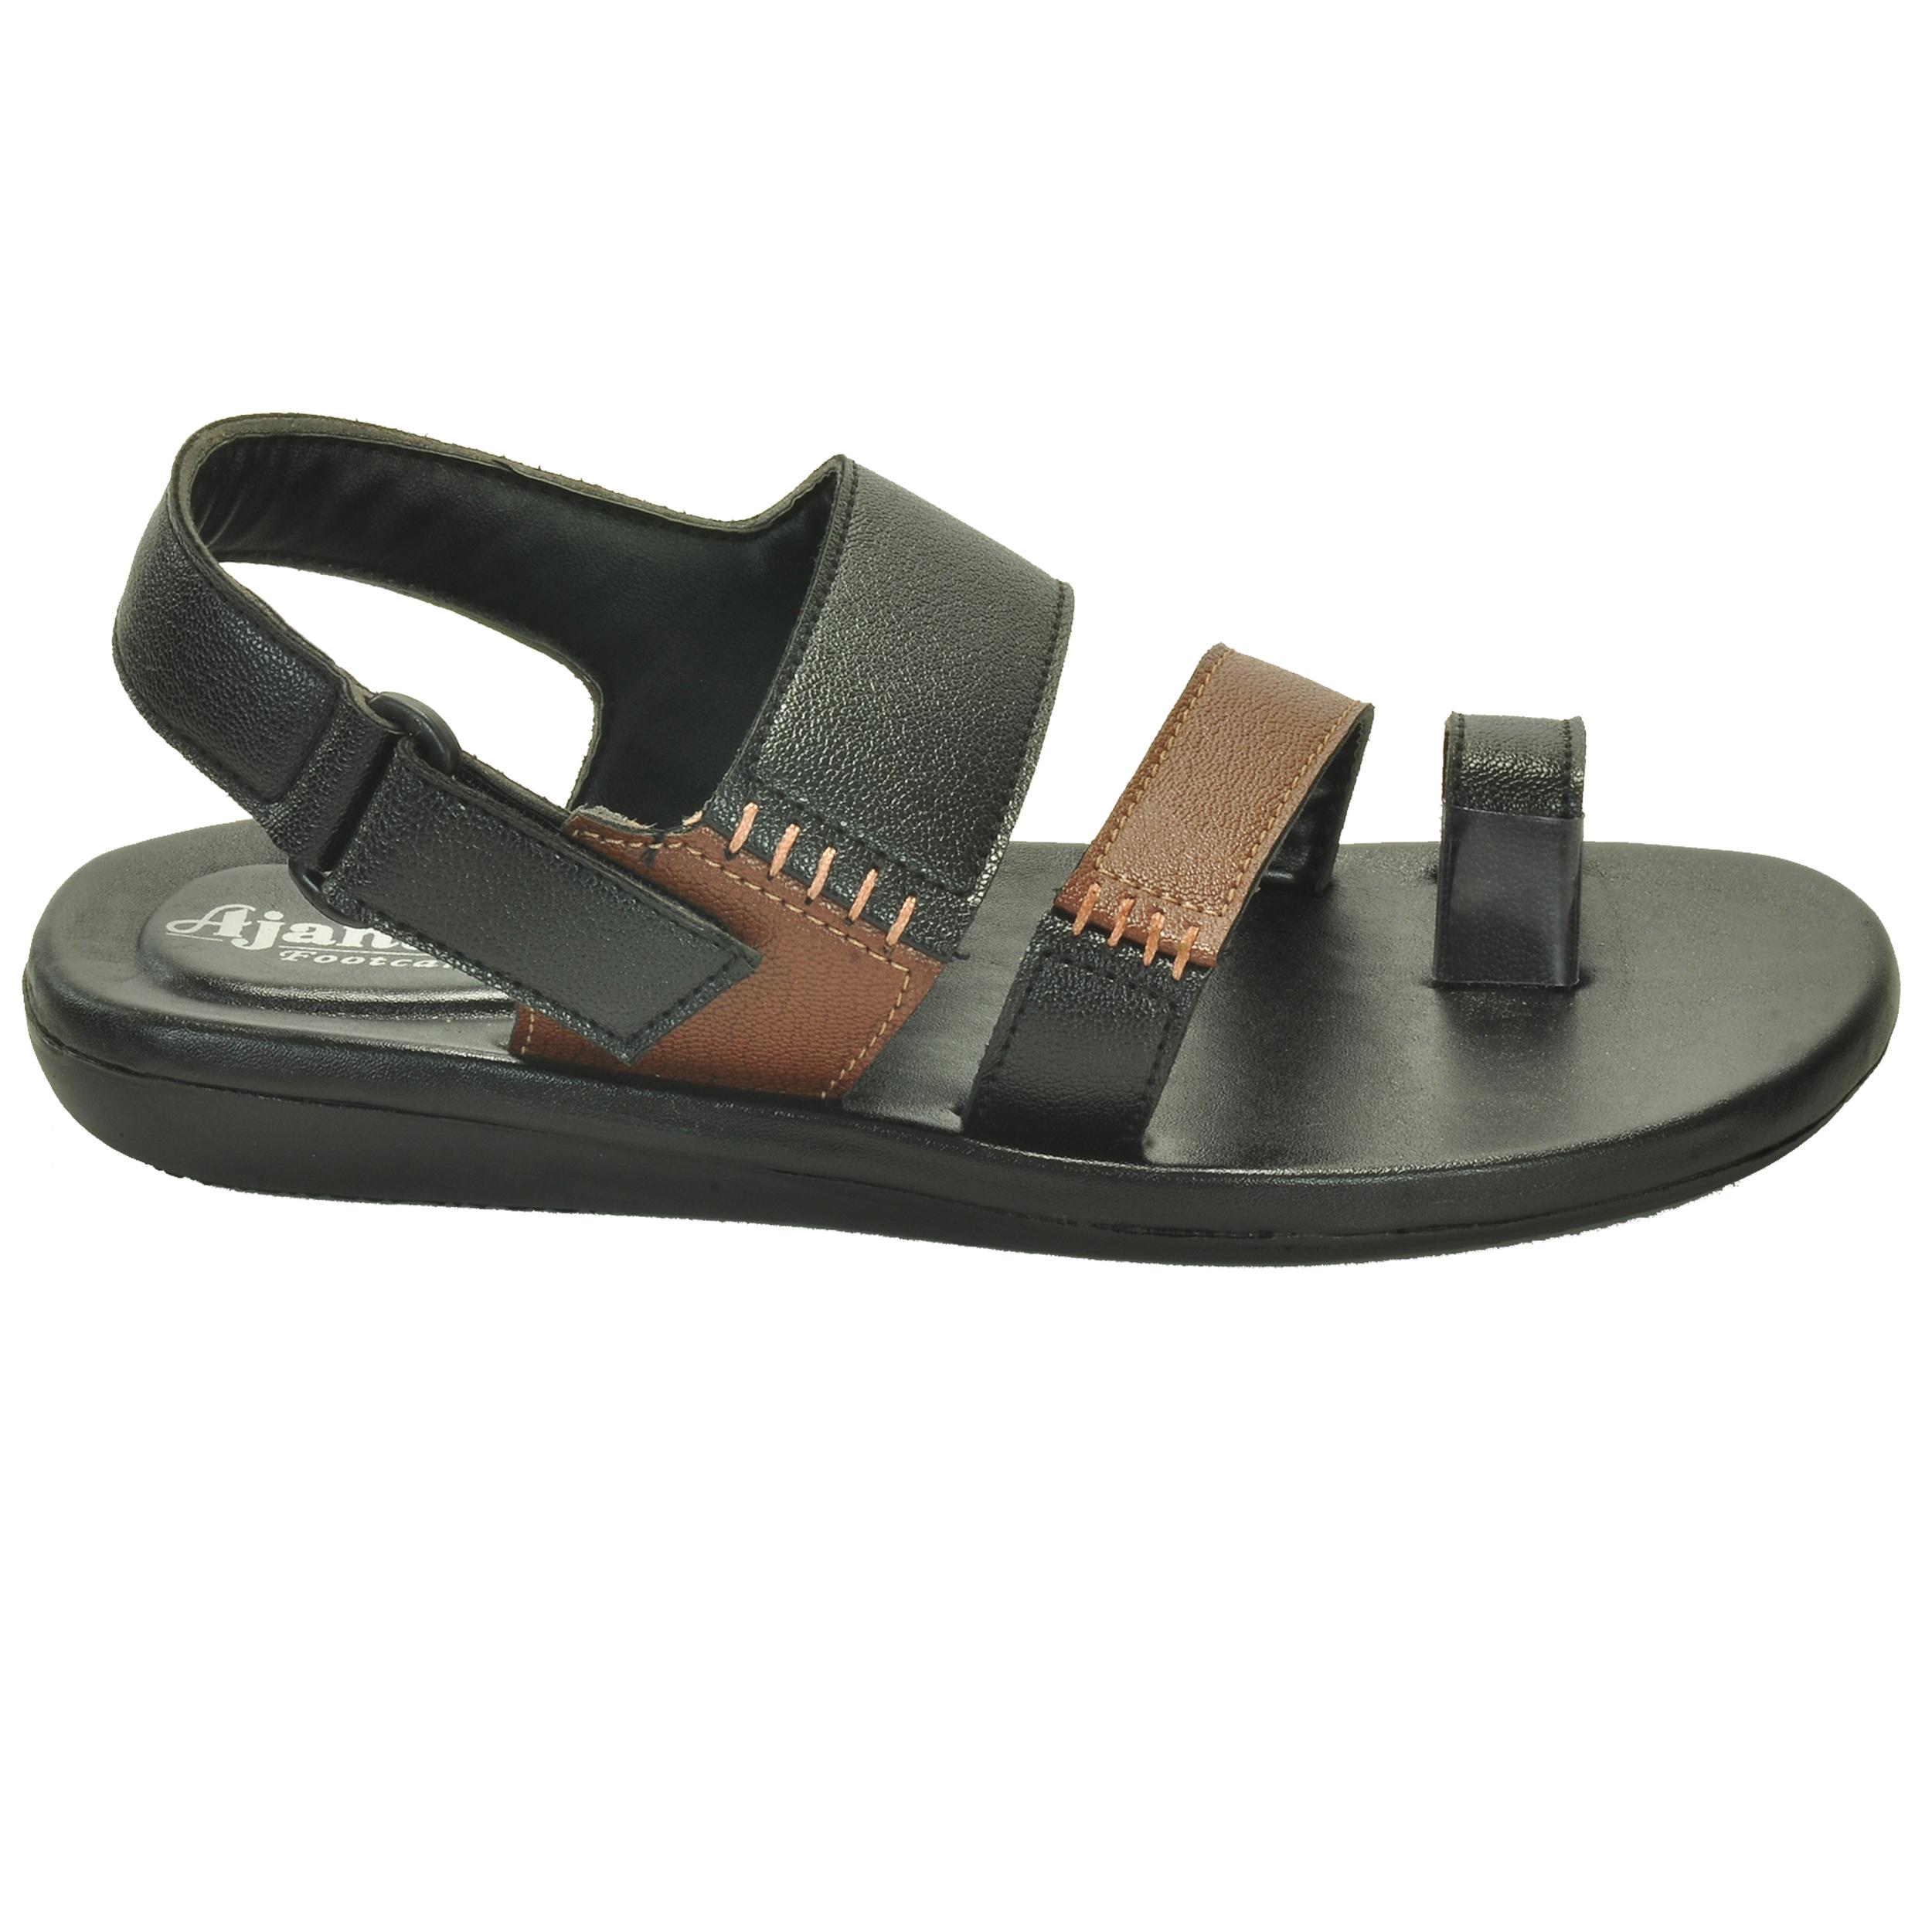 f35b332f8c26 Ajanta Men s Classy Sandal Slipper - Black